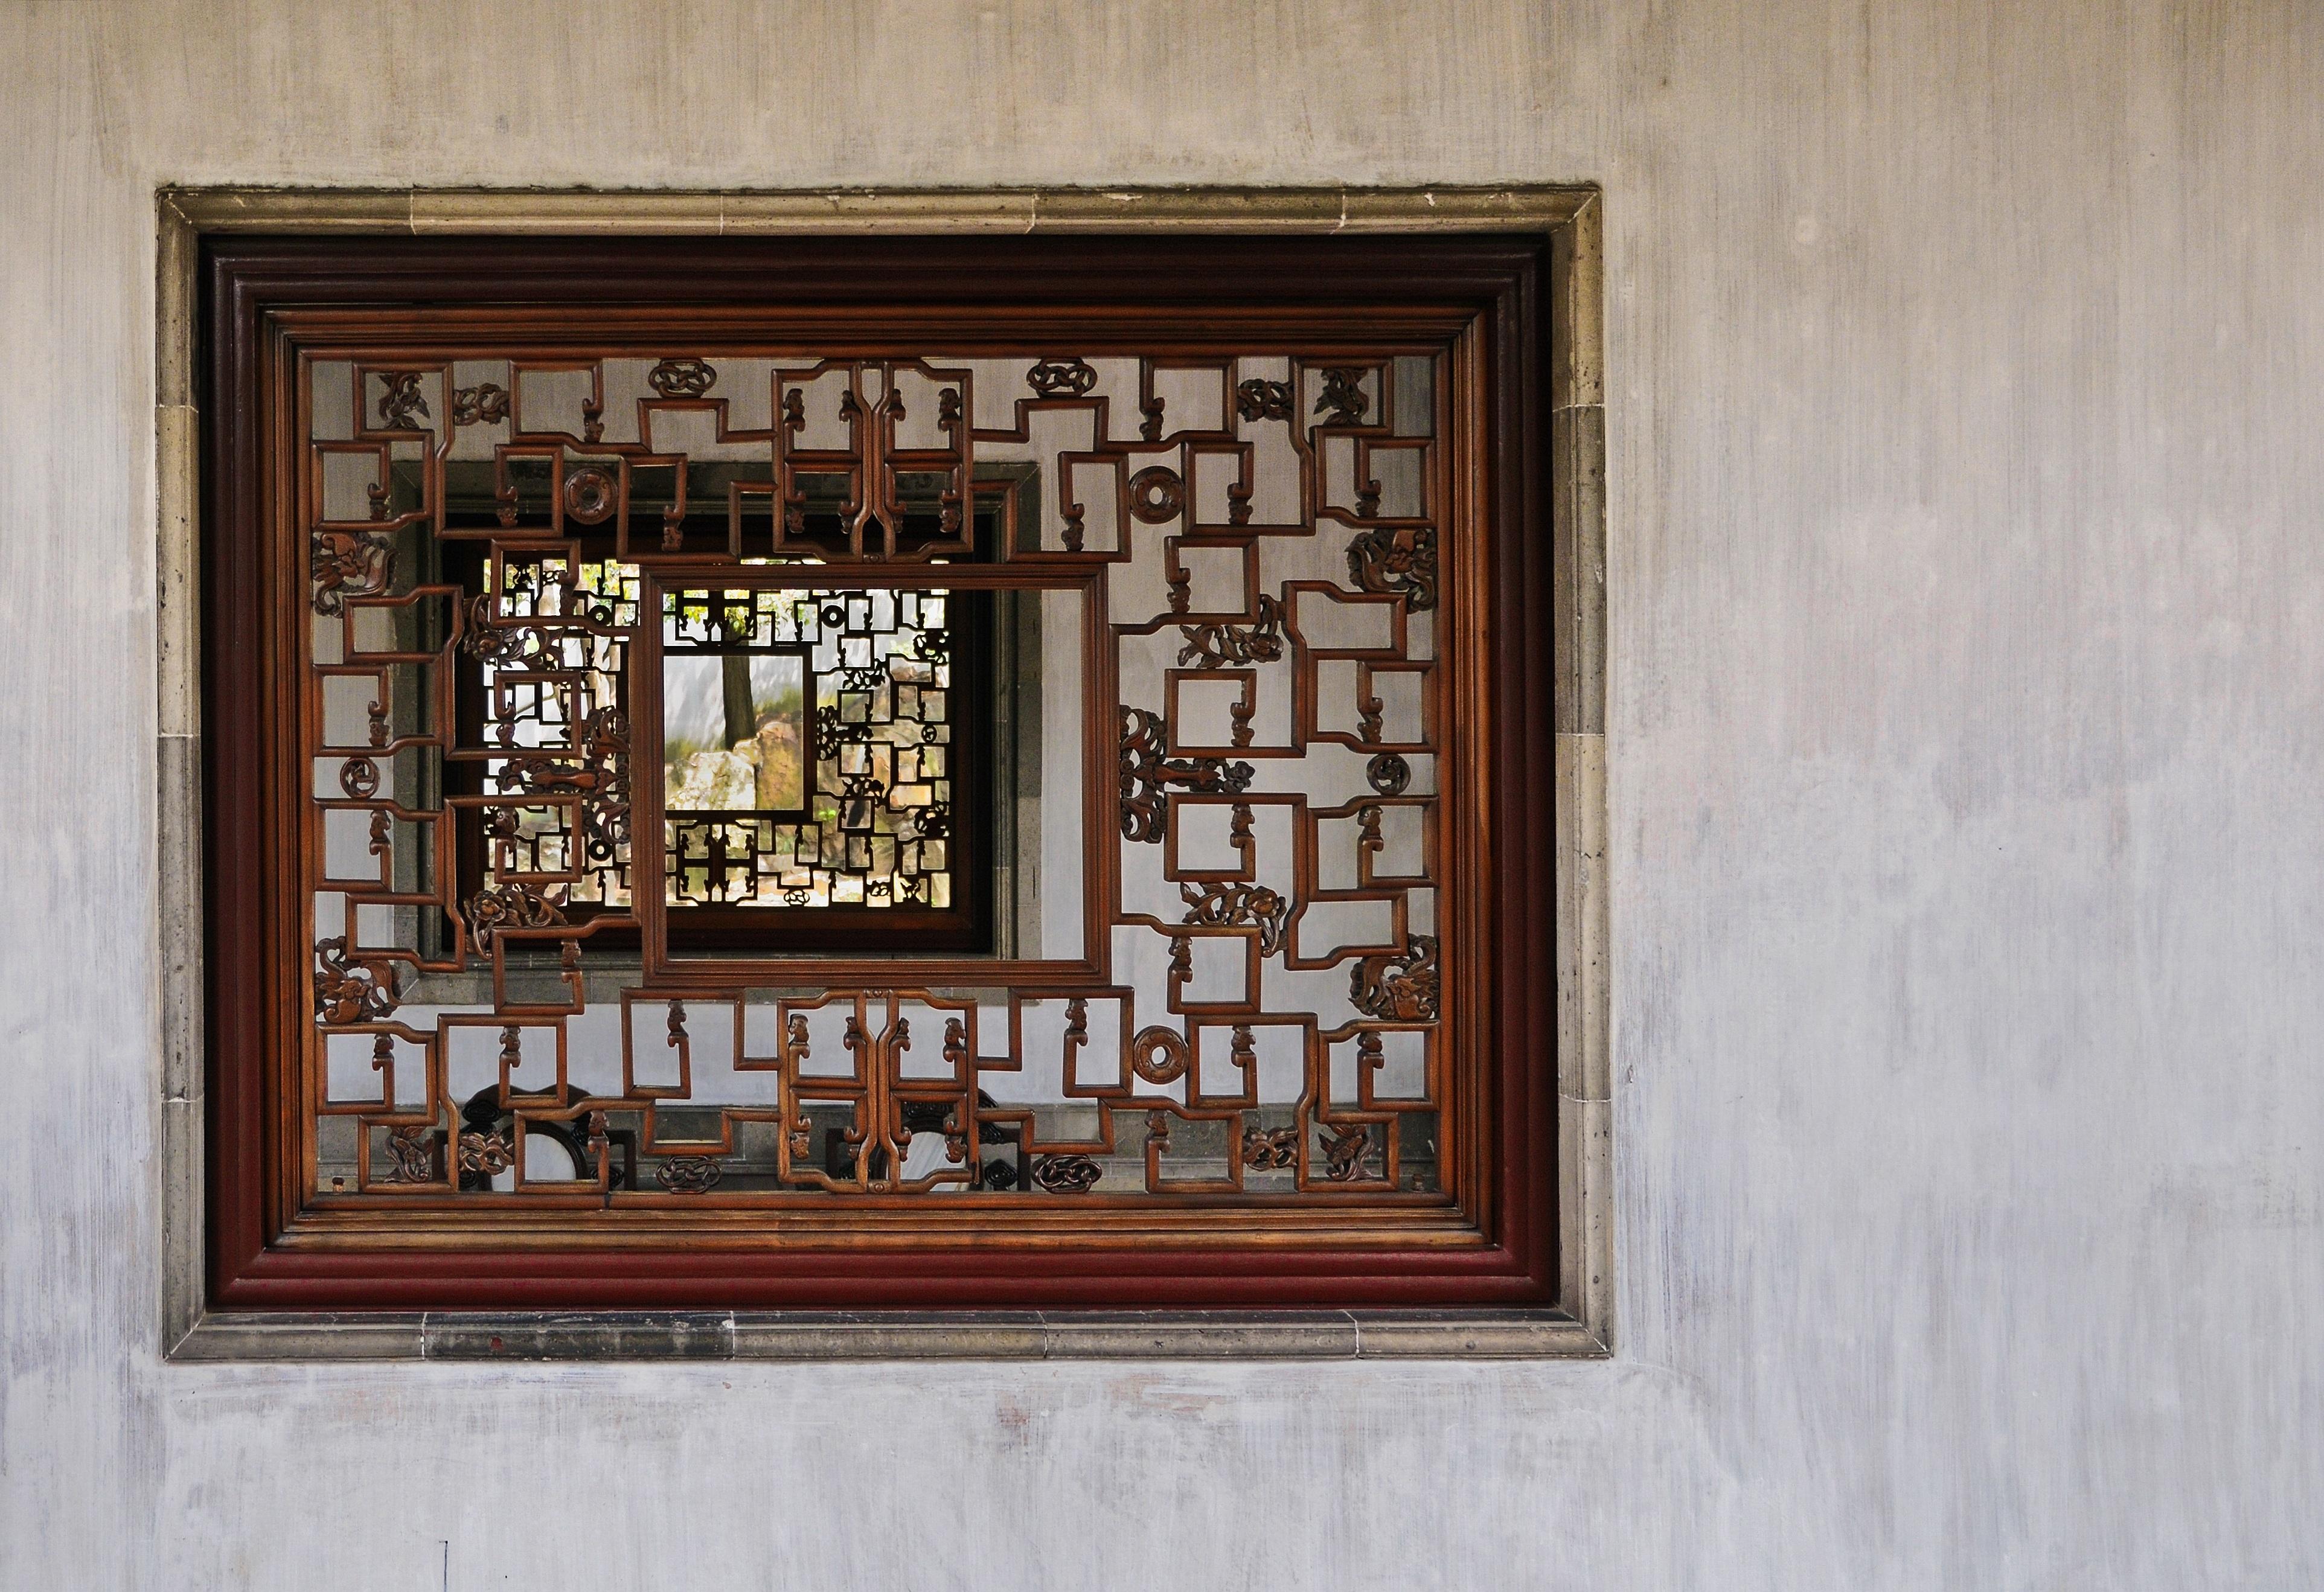 Kostenlose foto : Holz, Haus, Fenster, Glas, Perspektive, Zuhause ...